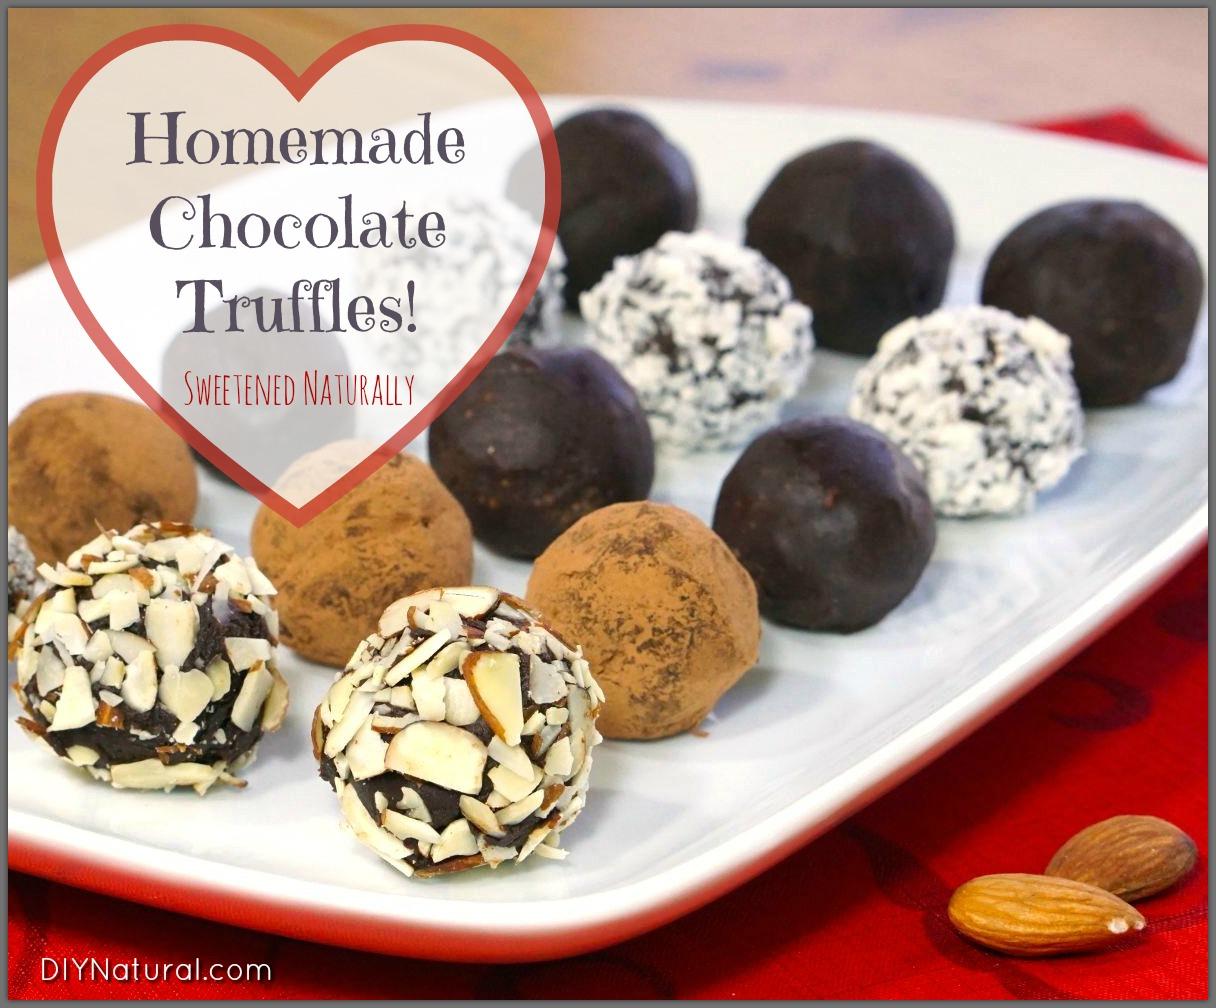 Homemade Chocolate Truffles Sweetened Naturally!